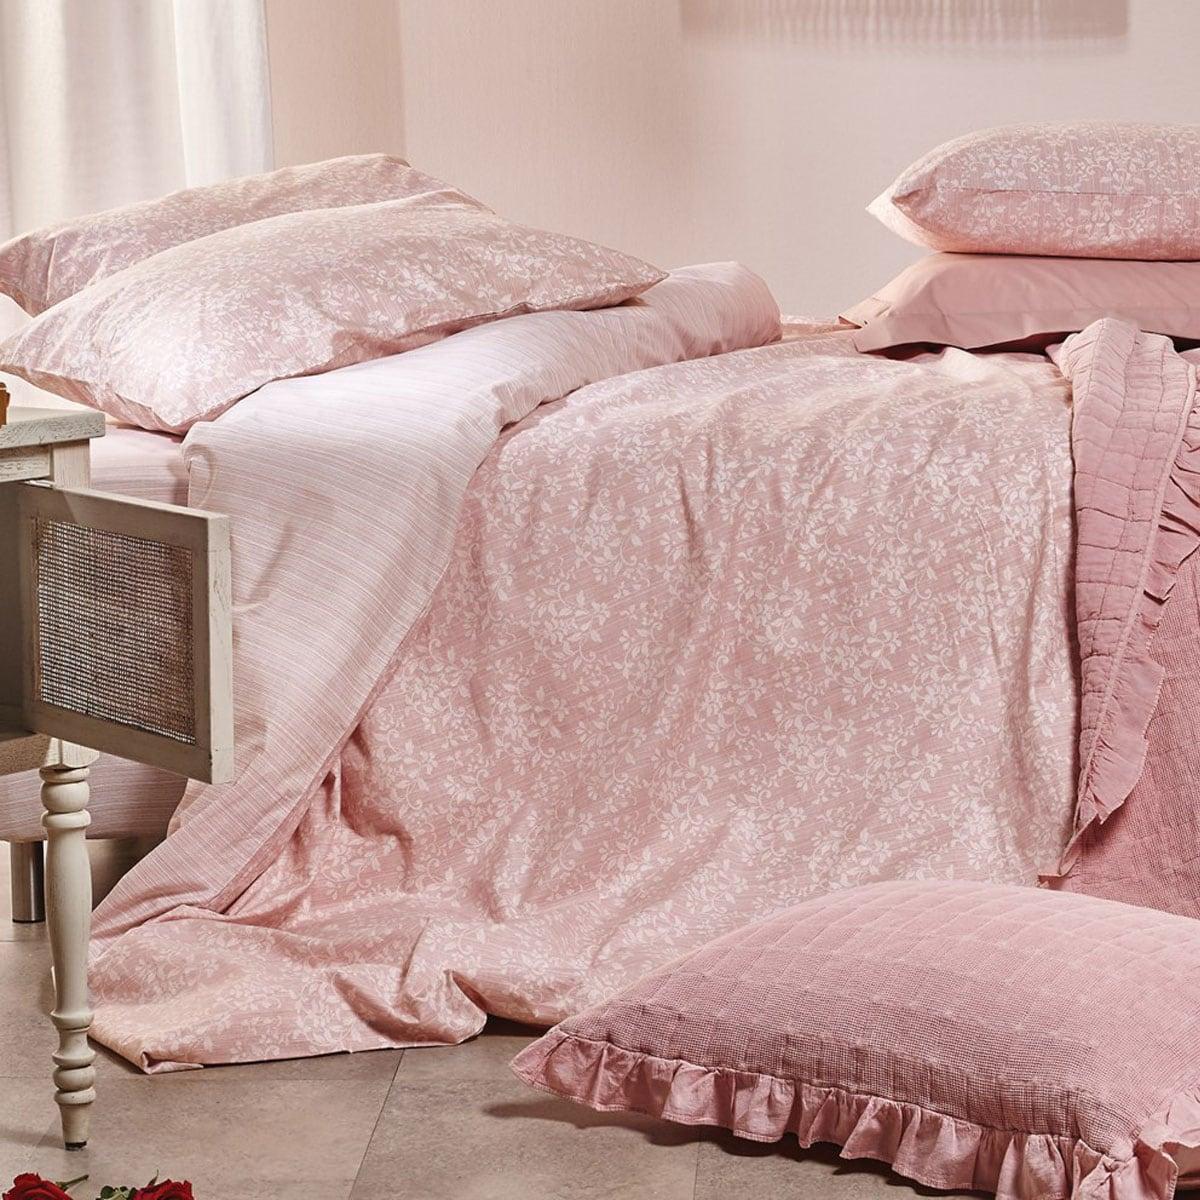 Παπλωματοθήκη Σετ 3Τμχ. Ornella 18 Pink Kentia Υπέρδιπλo 220x240cm